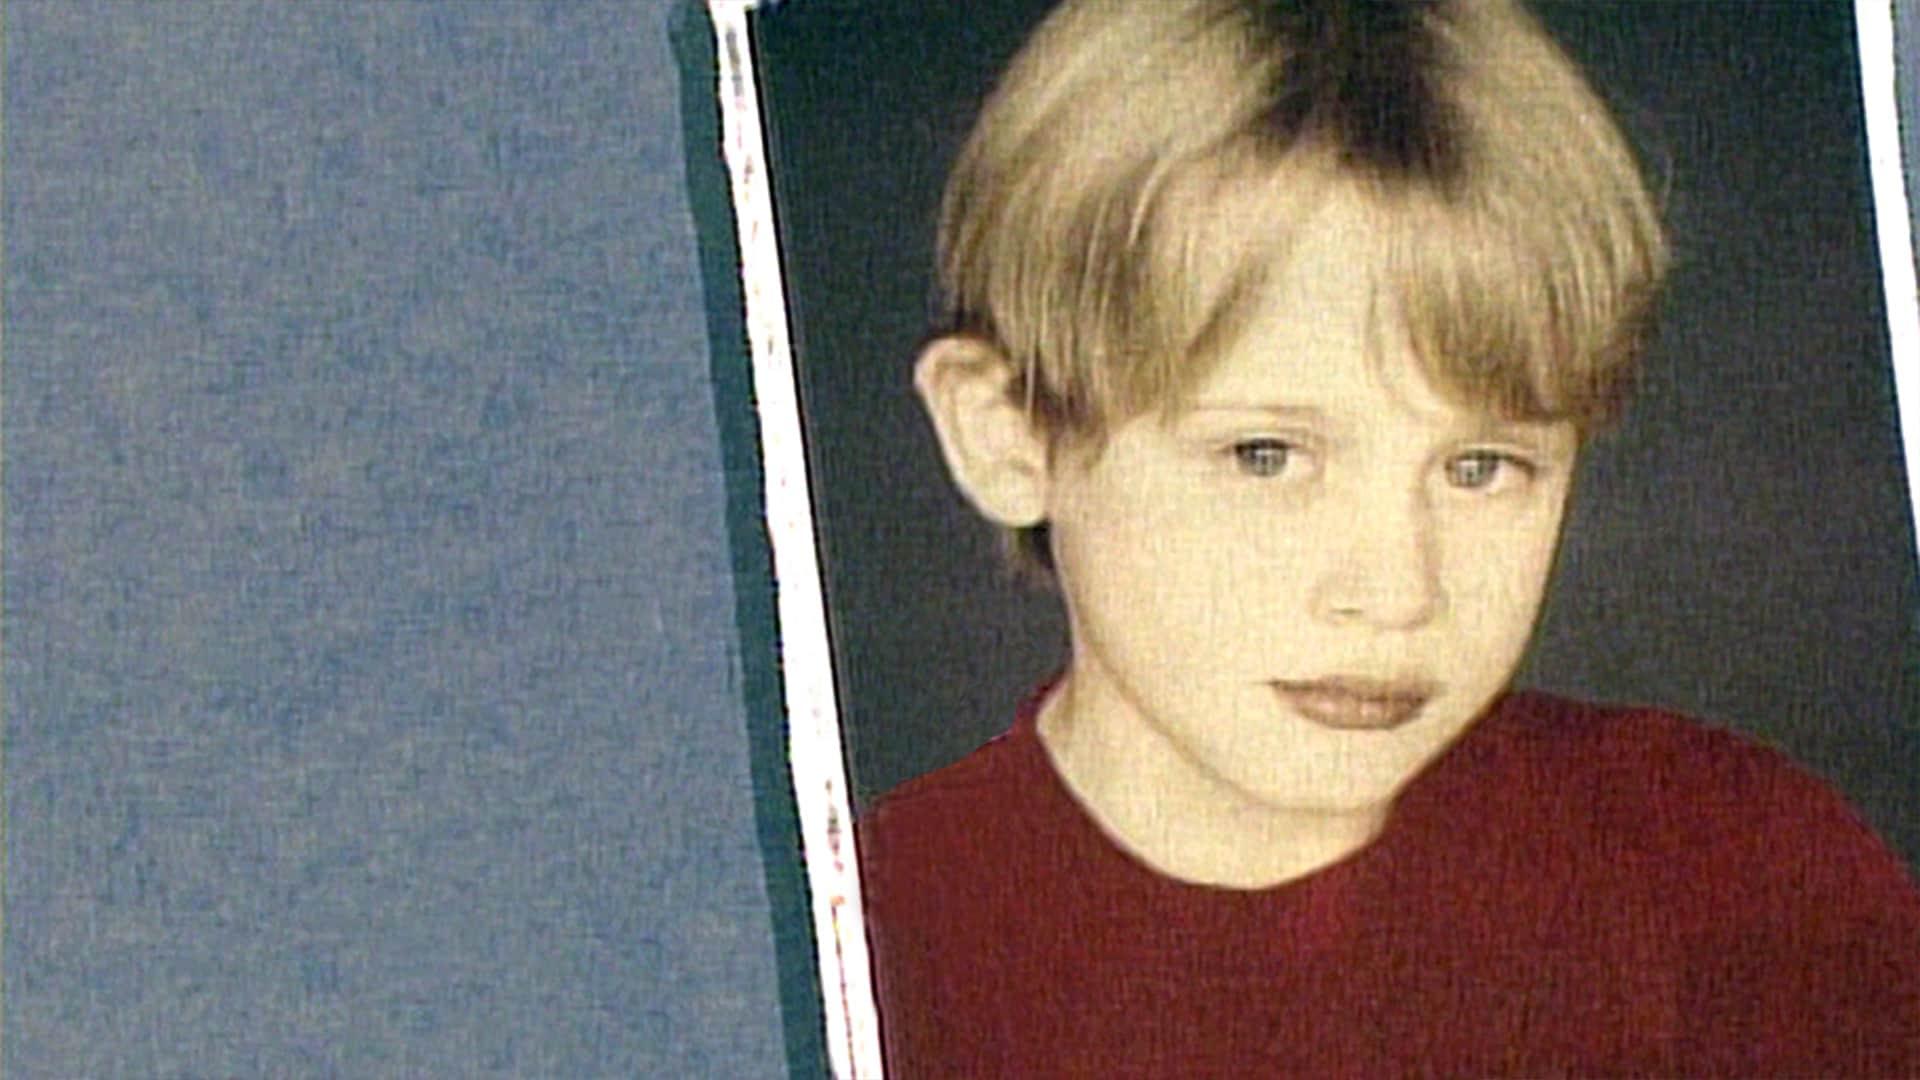 Macaulay Culkin: November 23, 1991